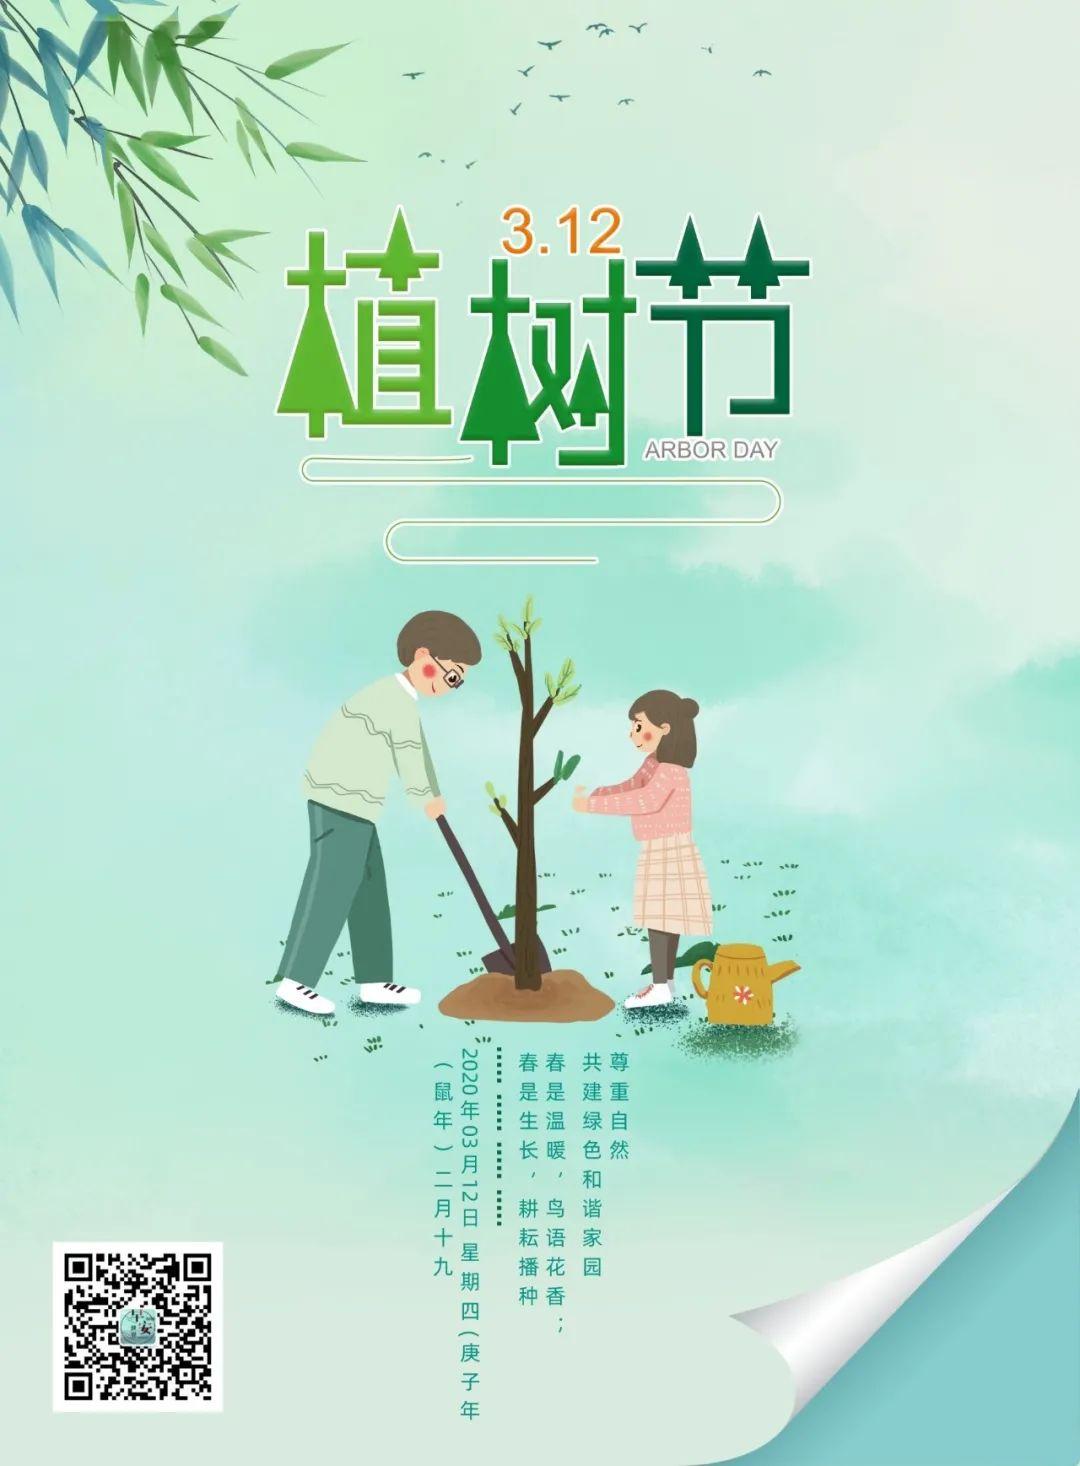 3月12日朋友圈植树节文案:大手拉小手,同栽一片绿!插图5